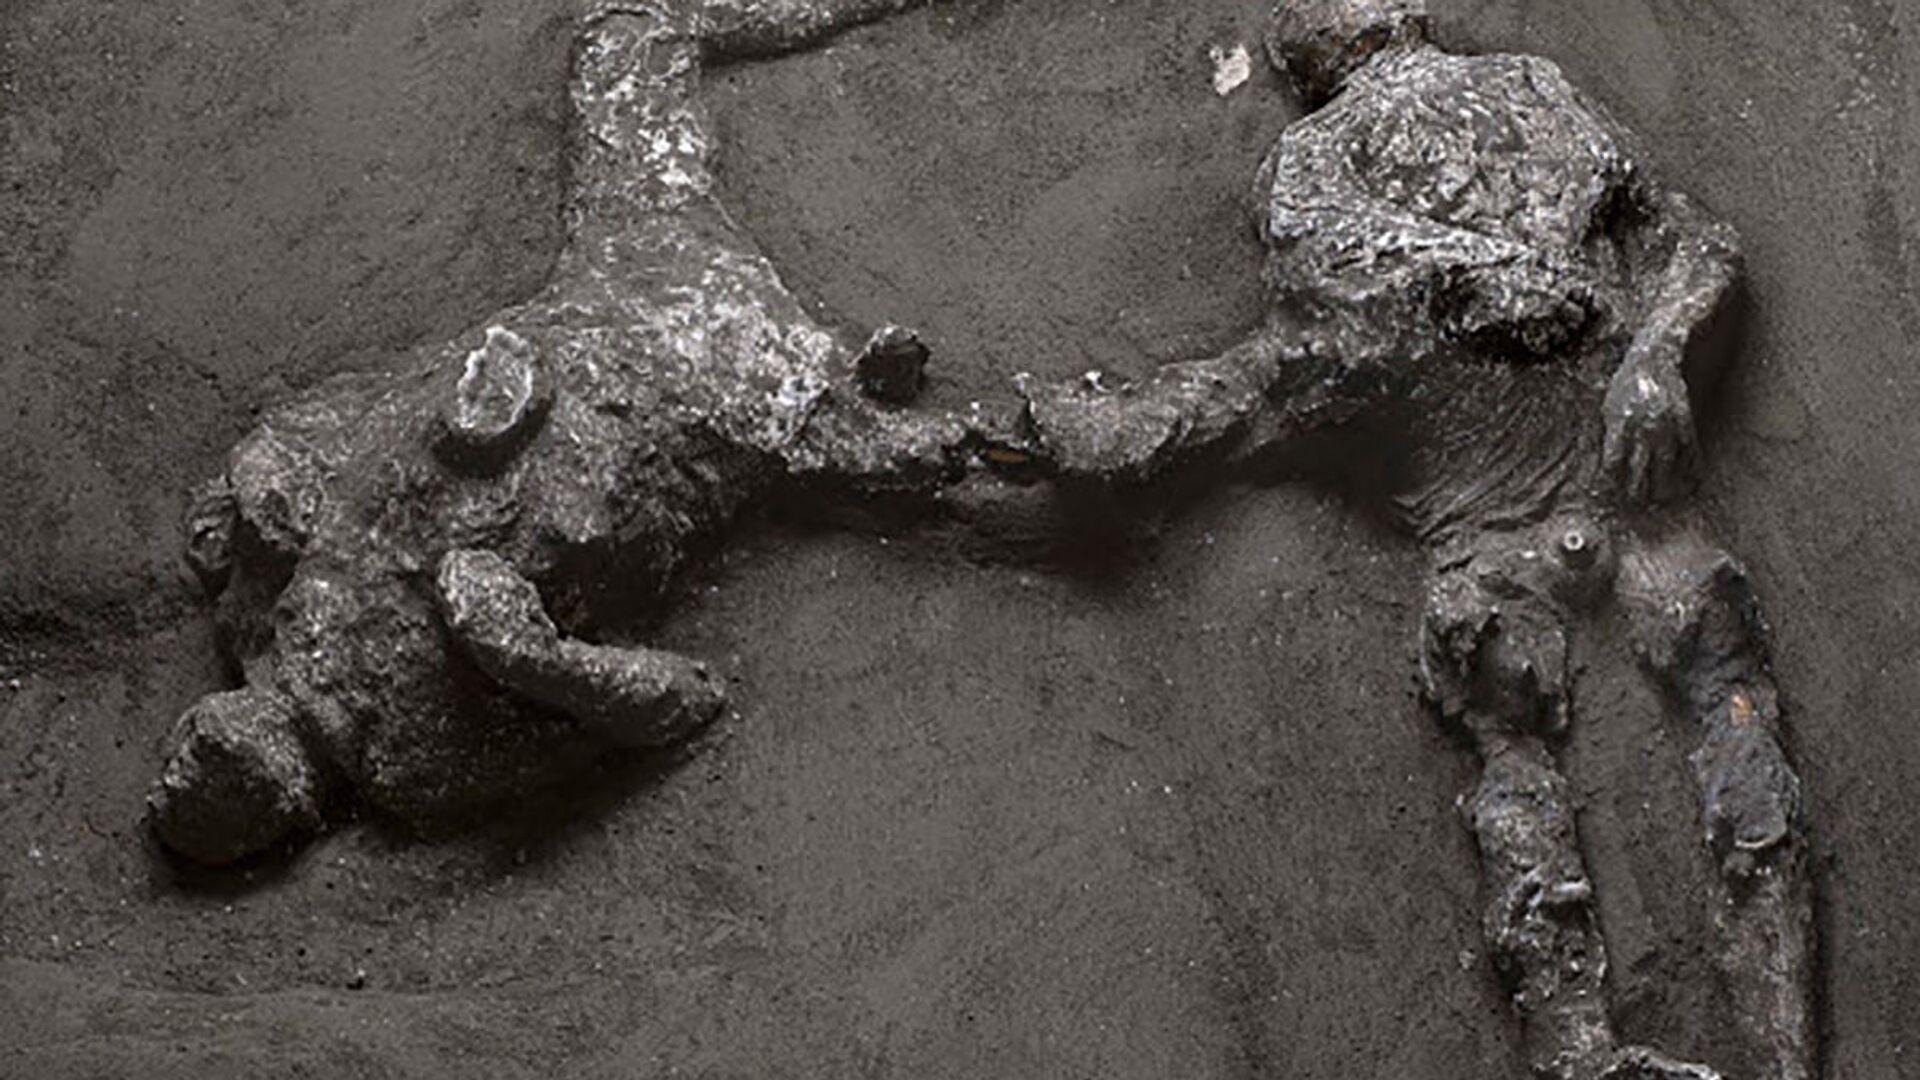 პომპეიში აღმოჩენილი არტეფაქტები - Sputnik საქართველო, 1920, 17.07.2021